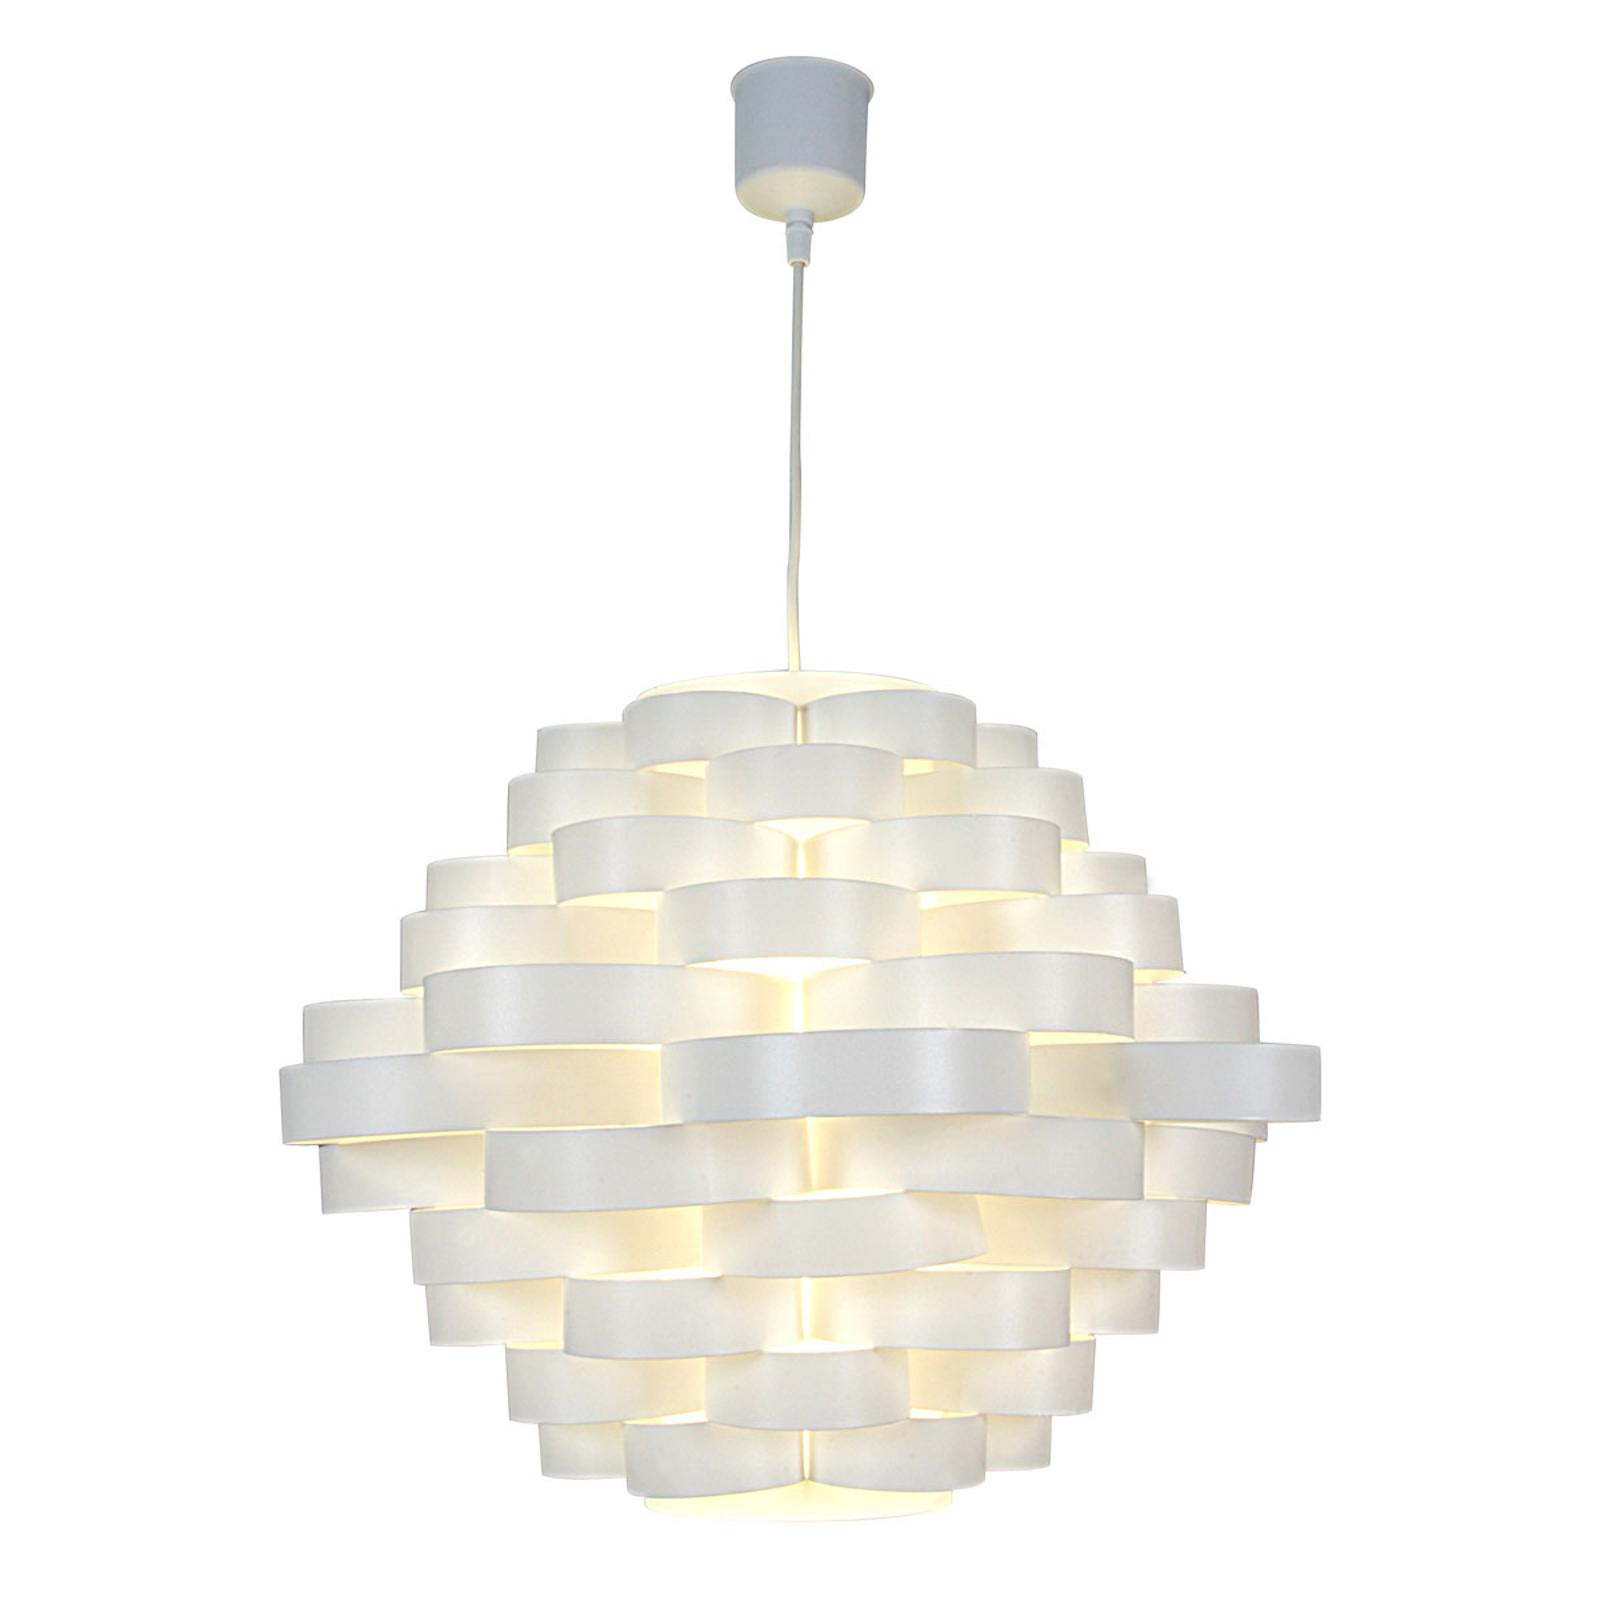 Lampa wisząca White z kloszem z okrągłych szybek